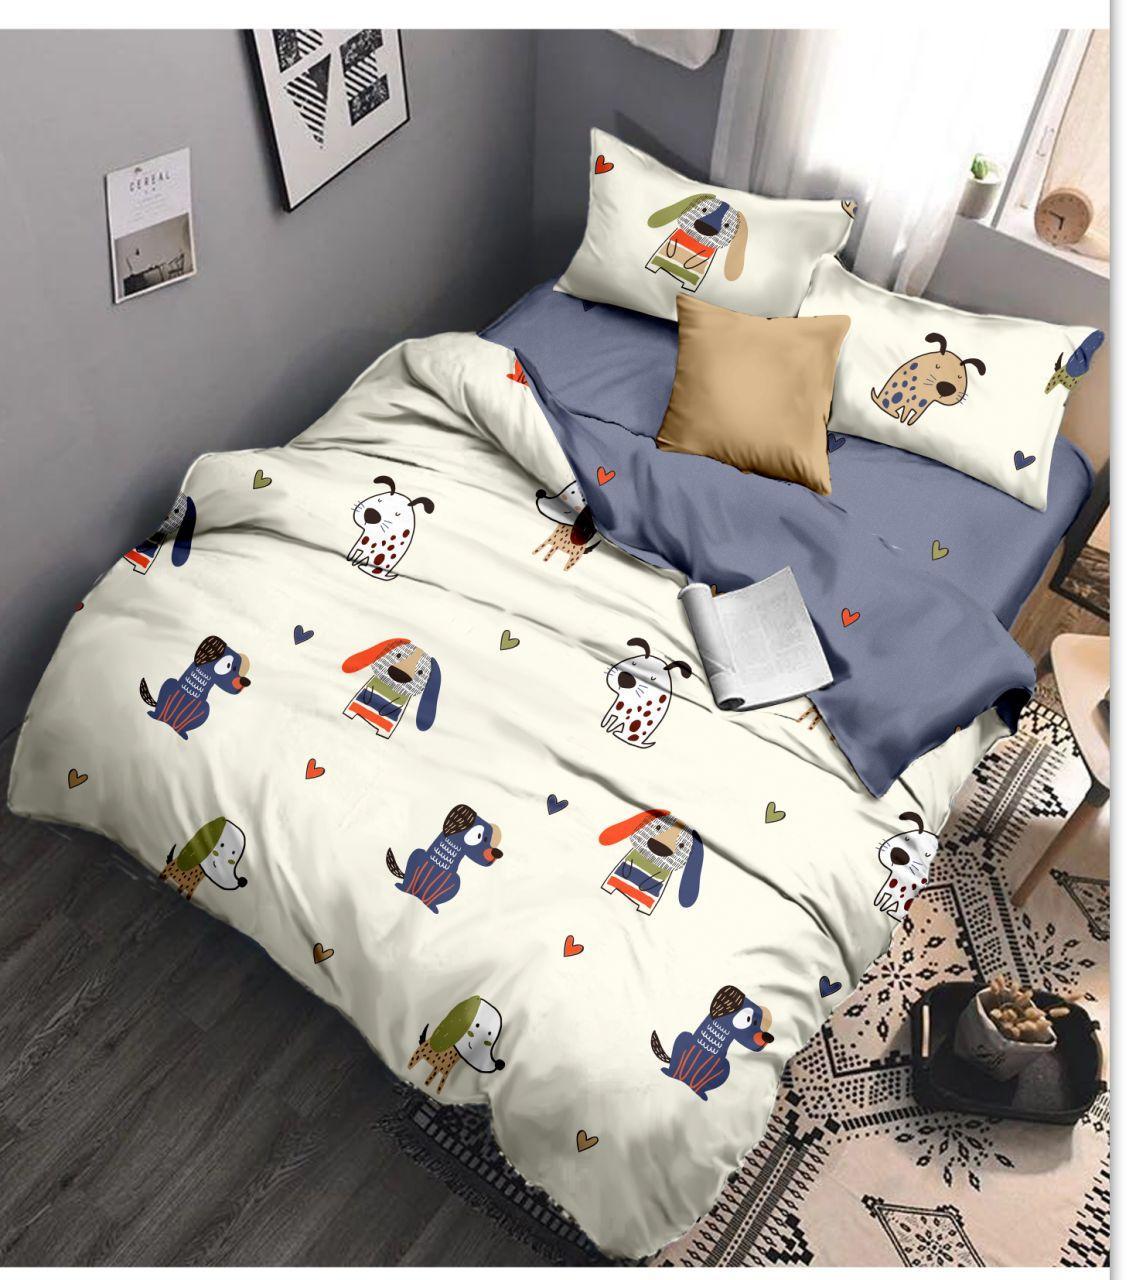 Полуторный комплект постельного белья «Милые собачки» с простыней на резинке 90х200 из сатина